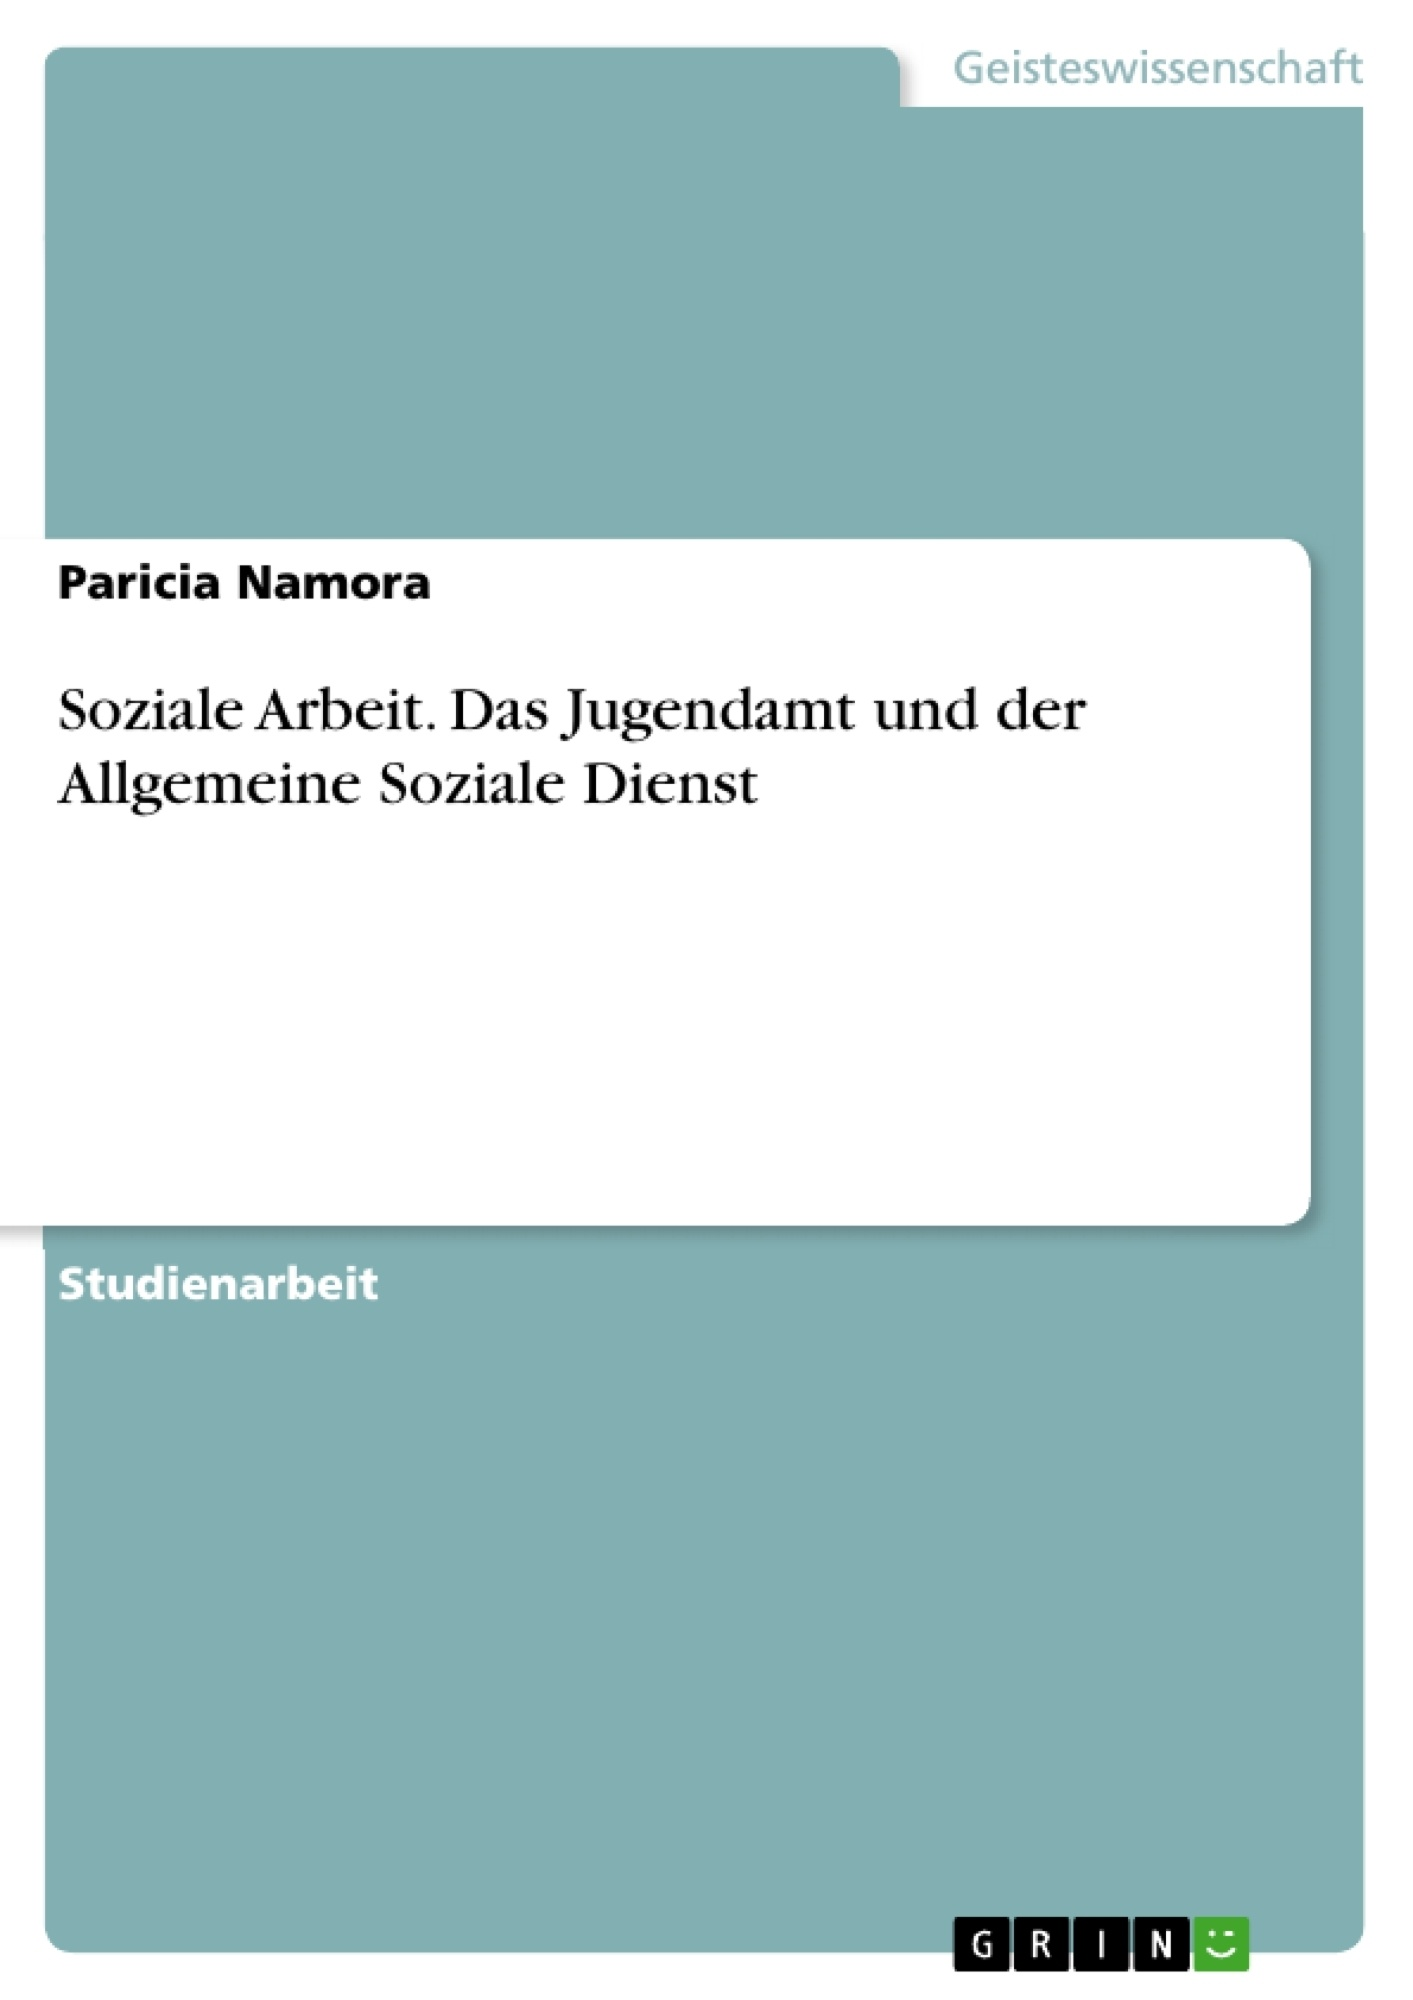 Titel: Soziale Arbeit.  Das Jugendamt und der Allgemeine Soziale Dienst